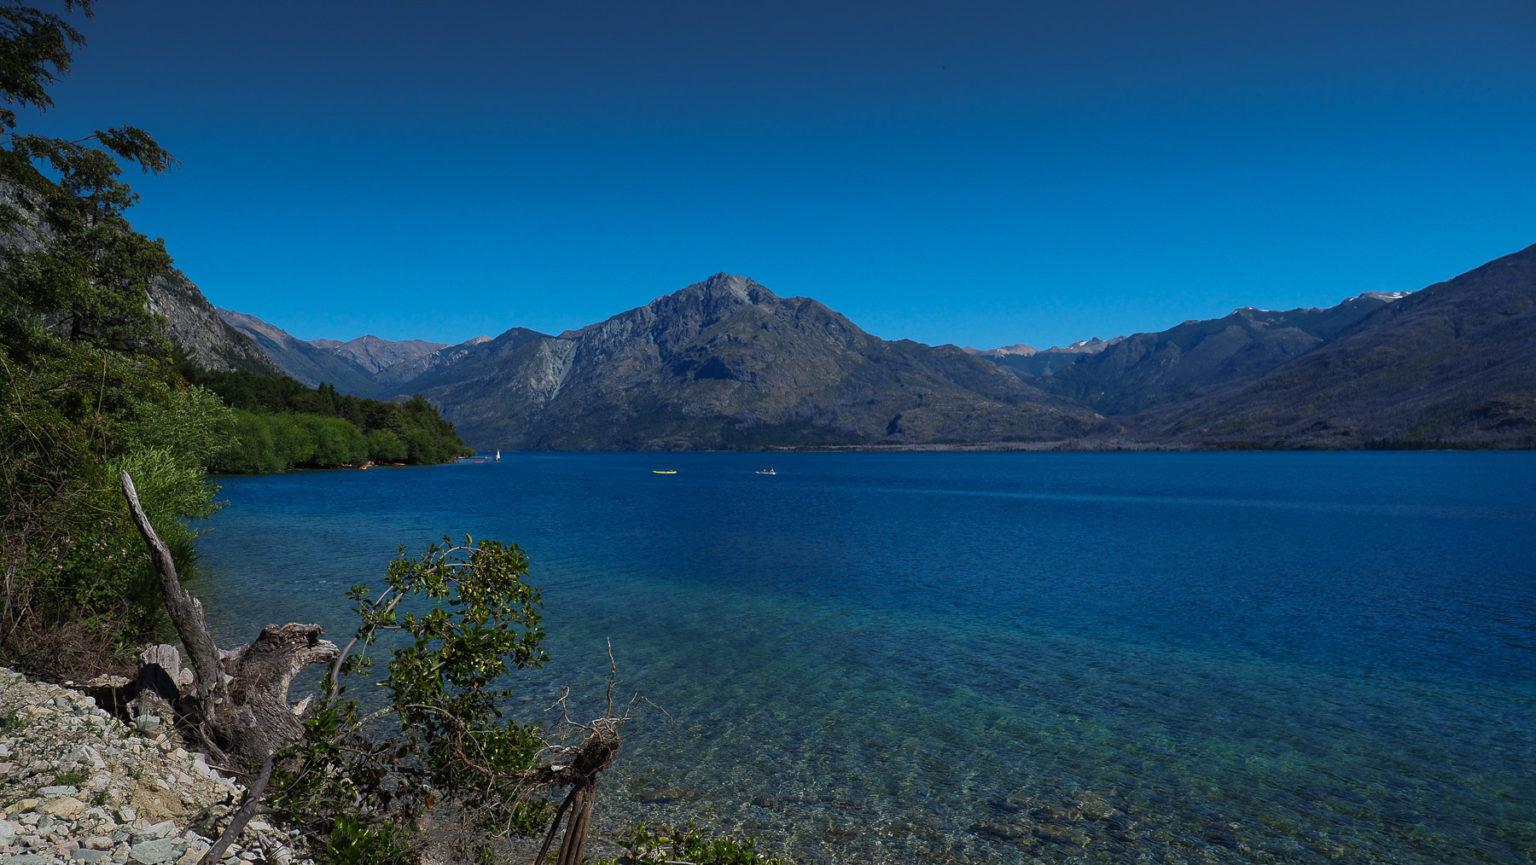 Viele Bergseen hier am Westrand von Argentinien